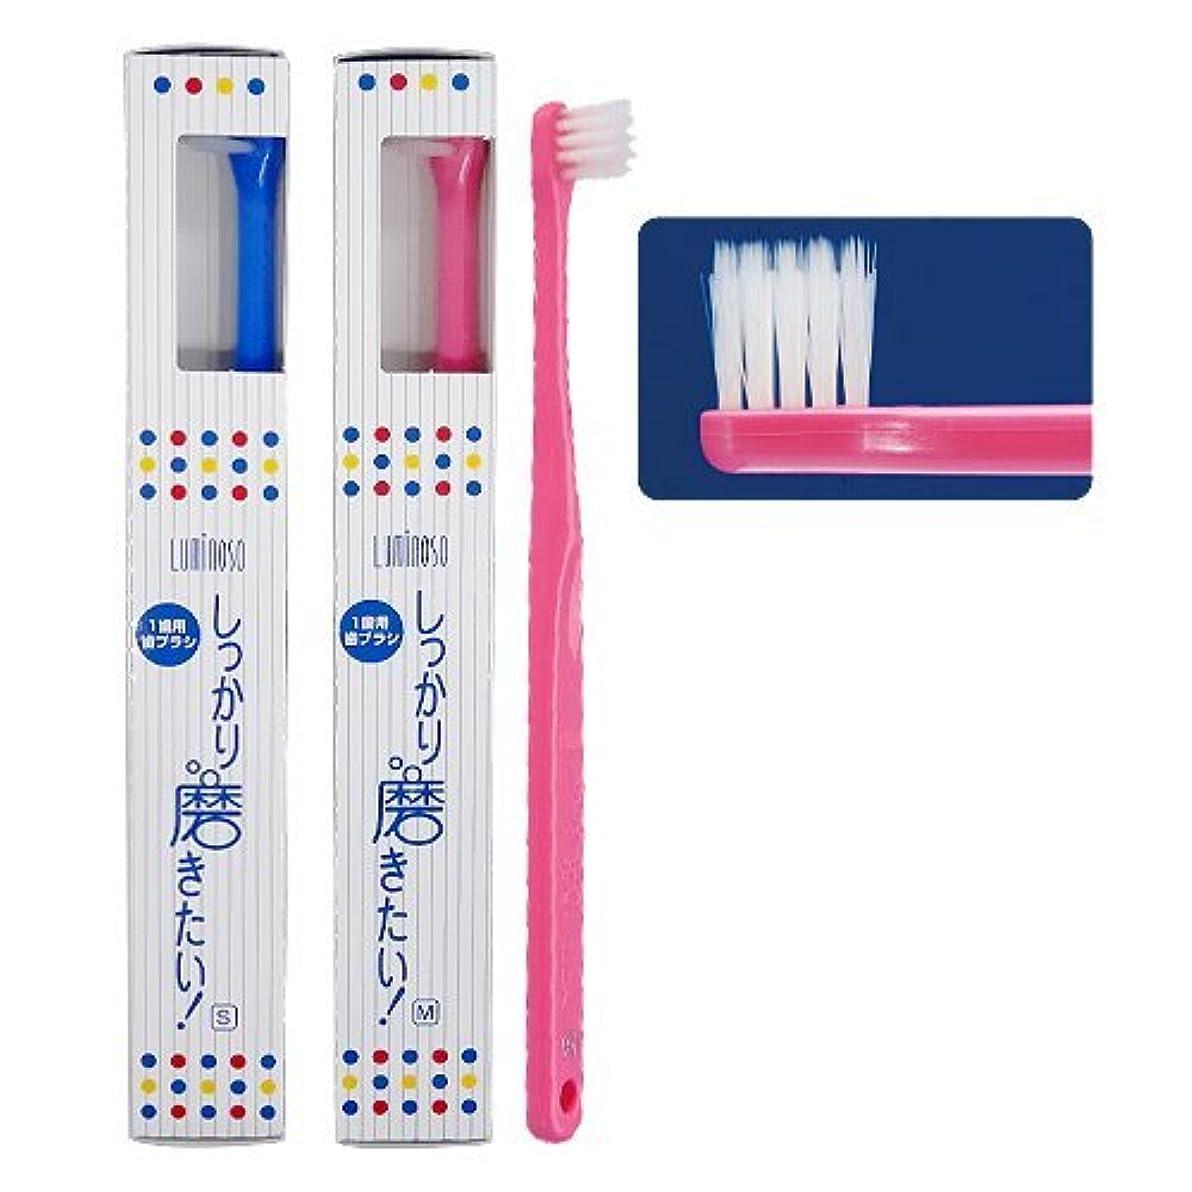 斧工業用ペンルミノソ 1歯用歯ブラシ「しっかり磨きたい!」スタンダード ミディアム (カラー指定不可) 10本